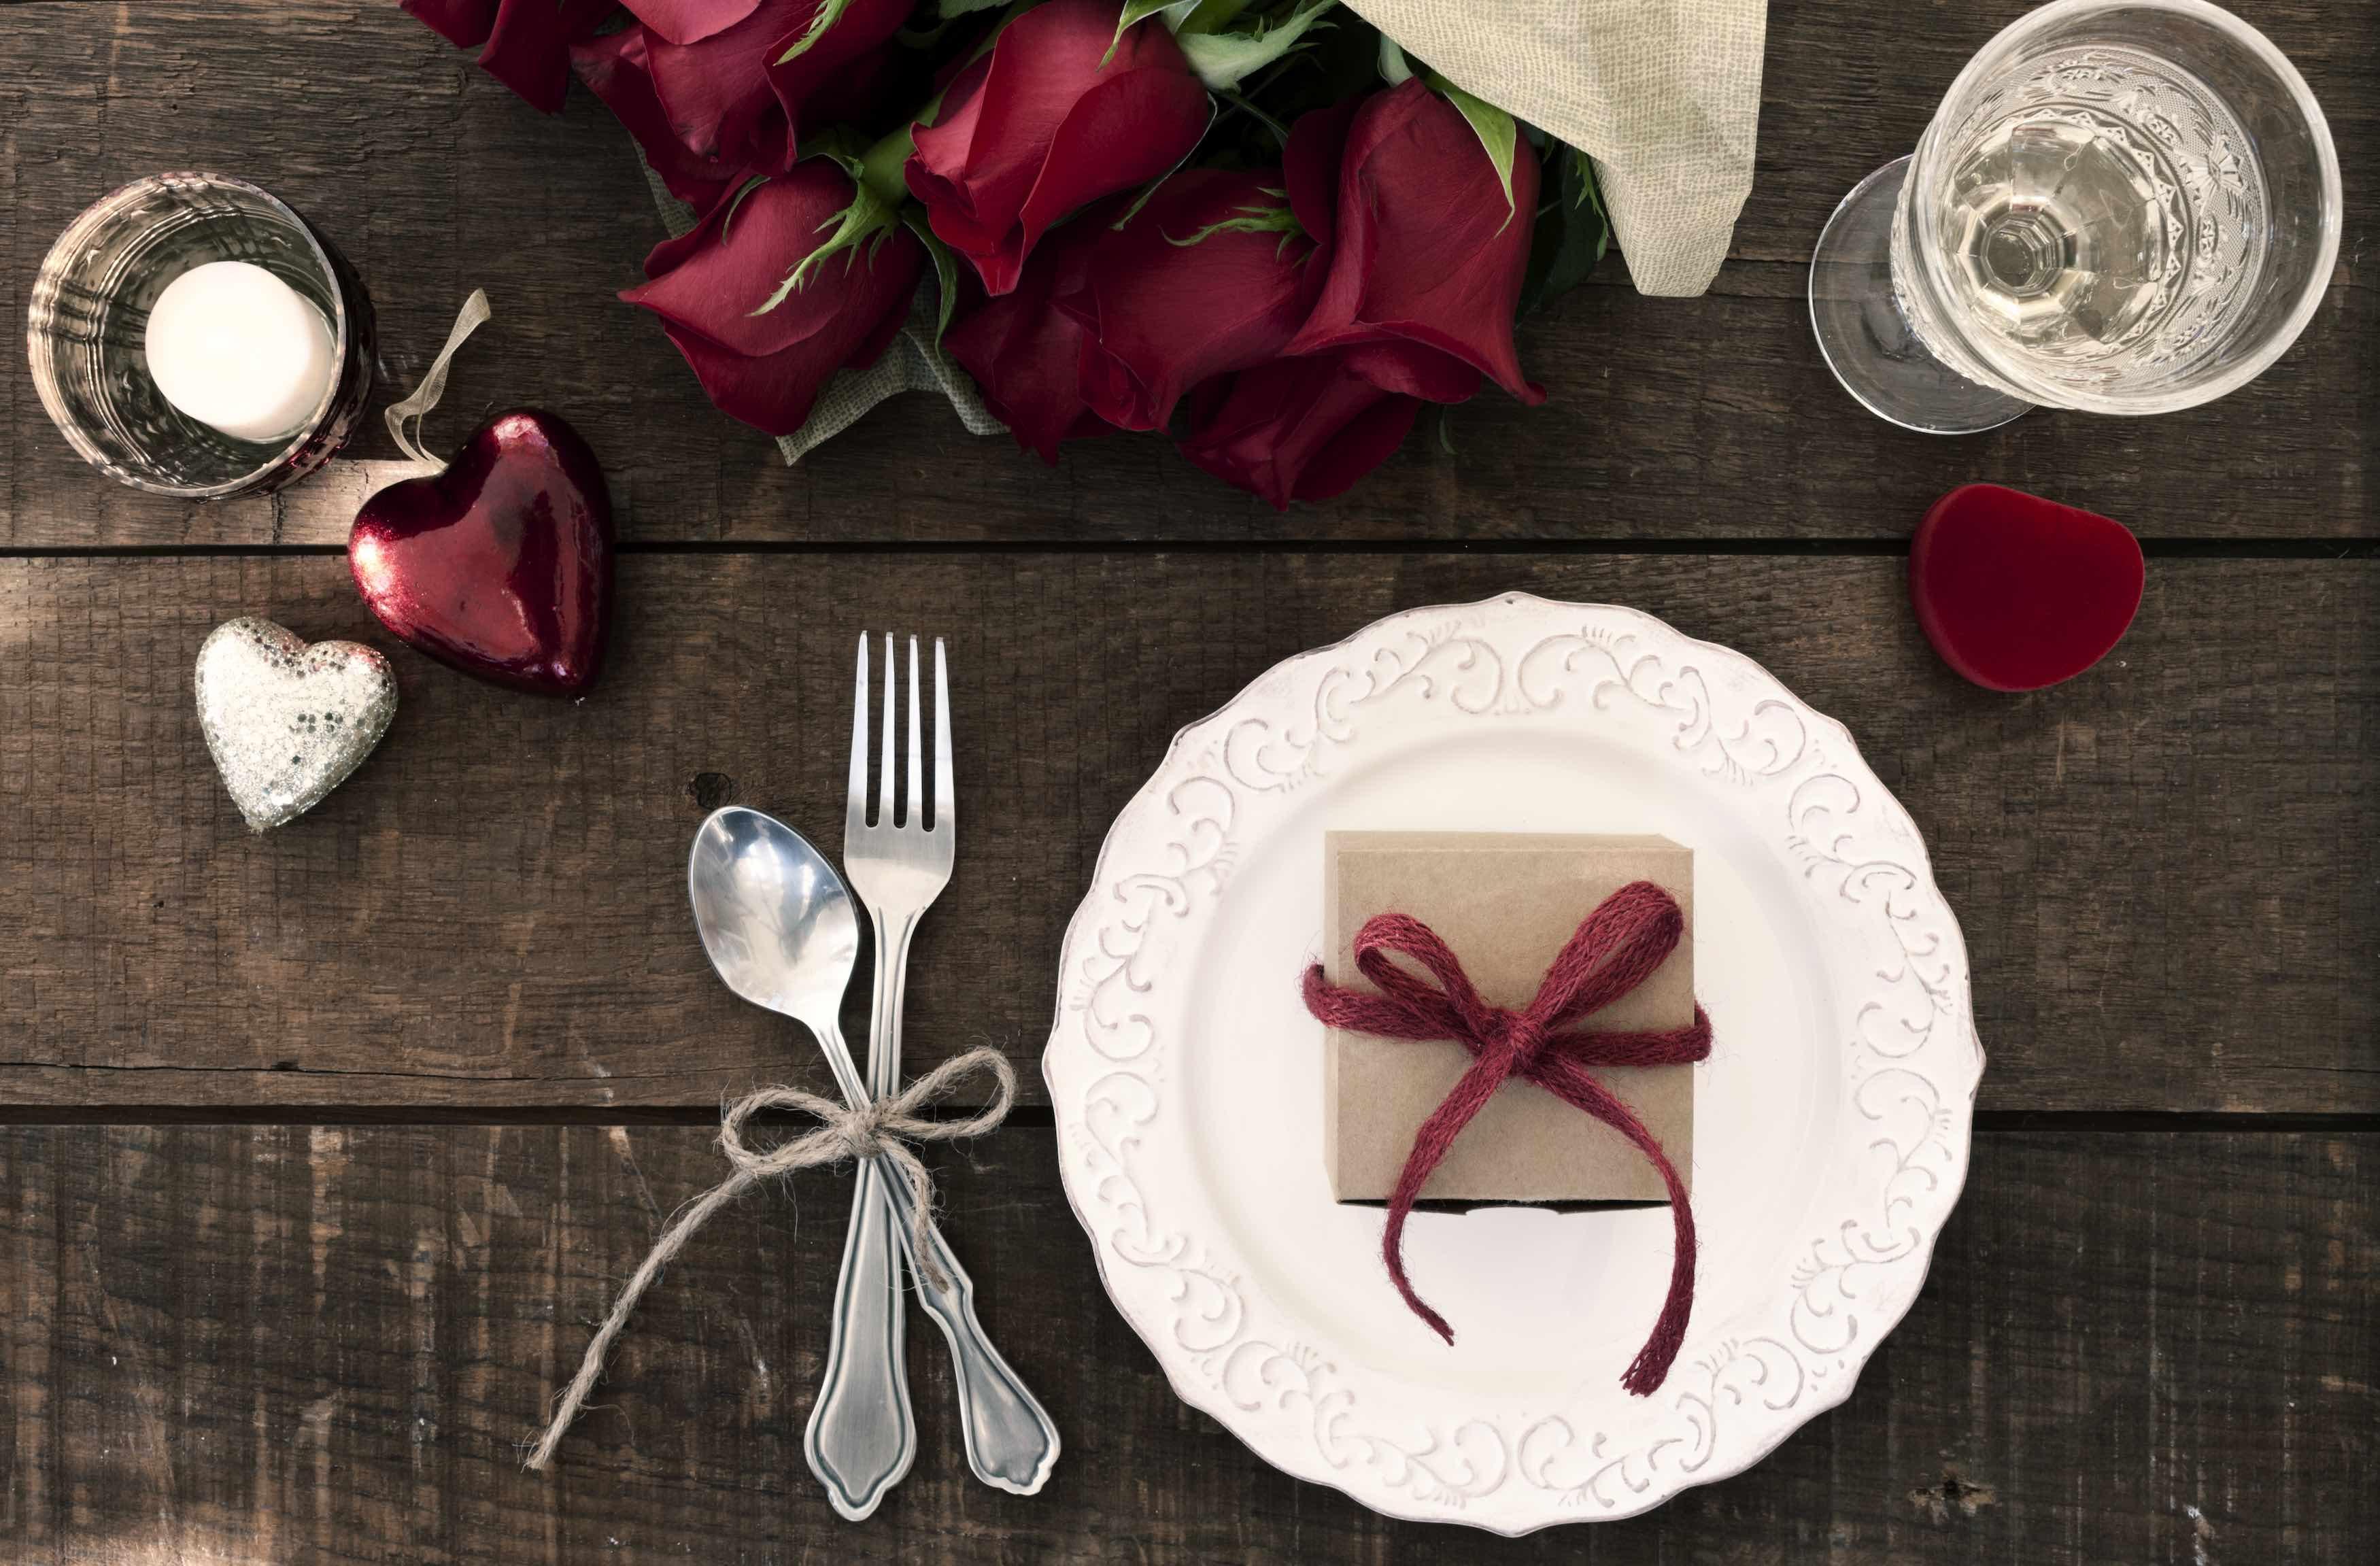 Gedeckter Valentinstagstisch mit roten Rosen, Dekoherzen und Geschenk